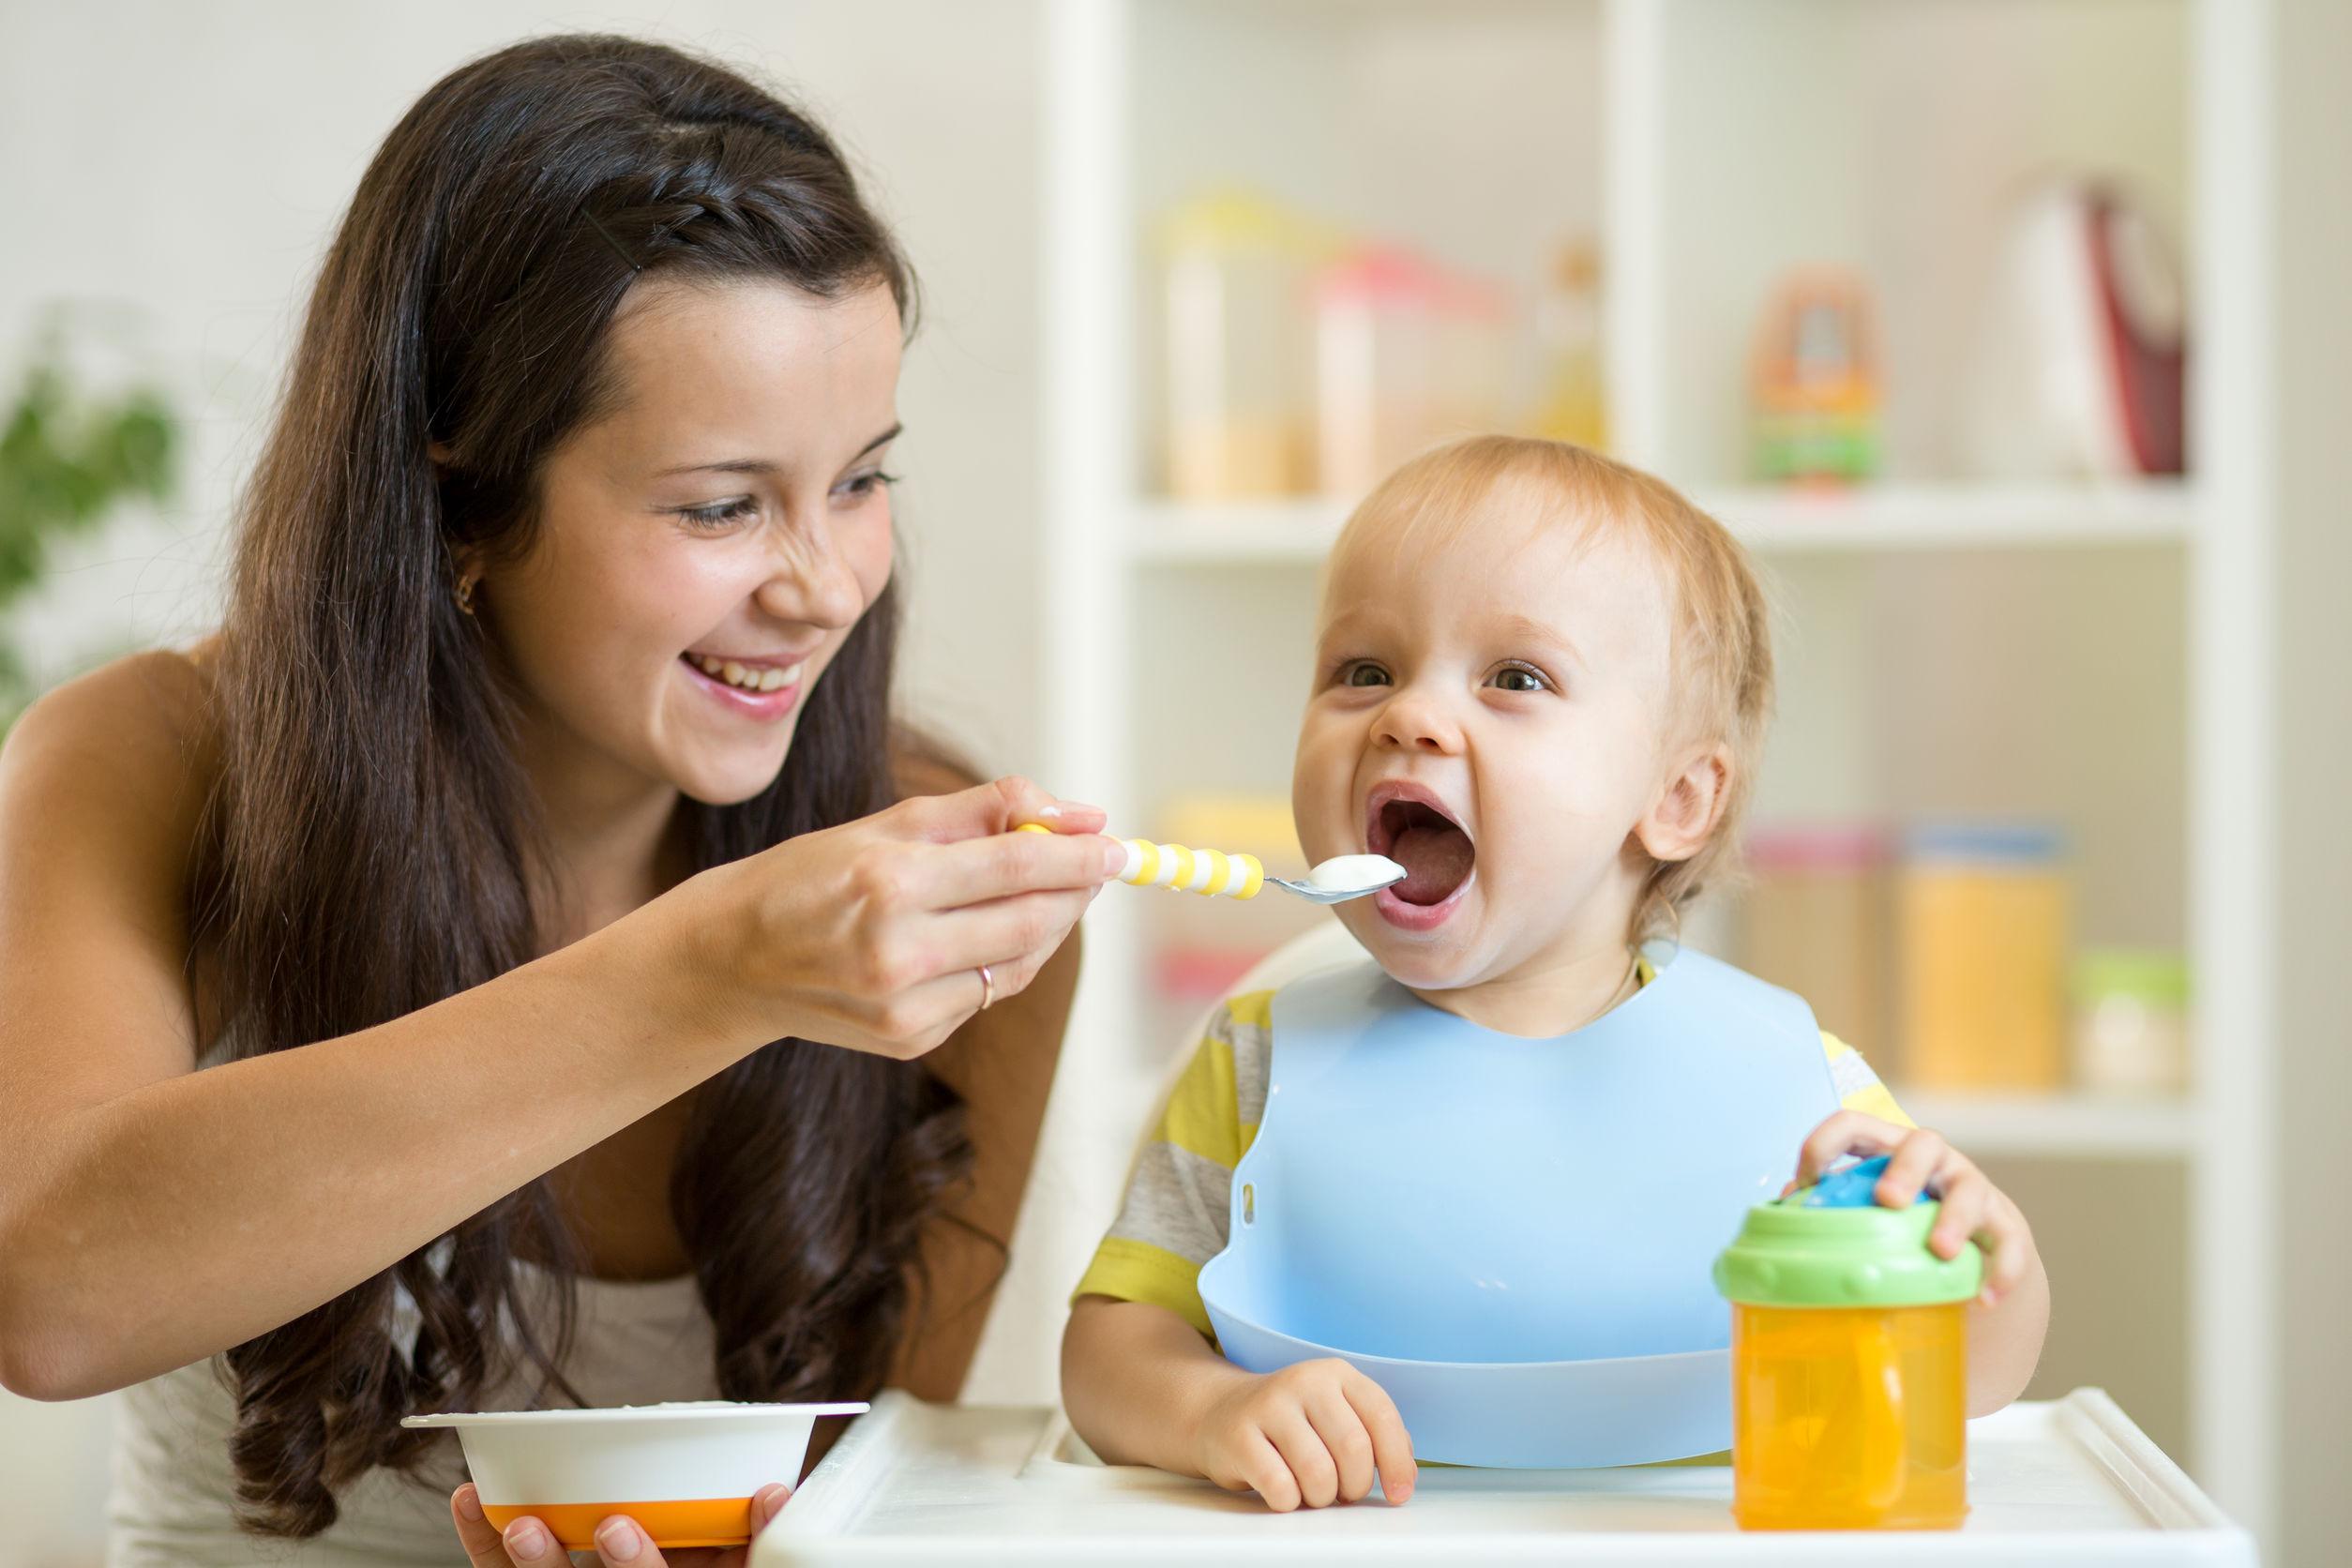 Nahrungsergänzungsmittel für Kinder: Test, Wirkung, Anwendung & Studien (05/21)